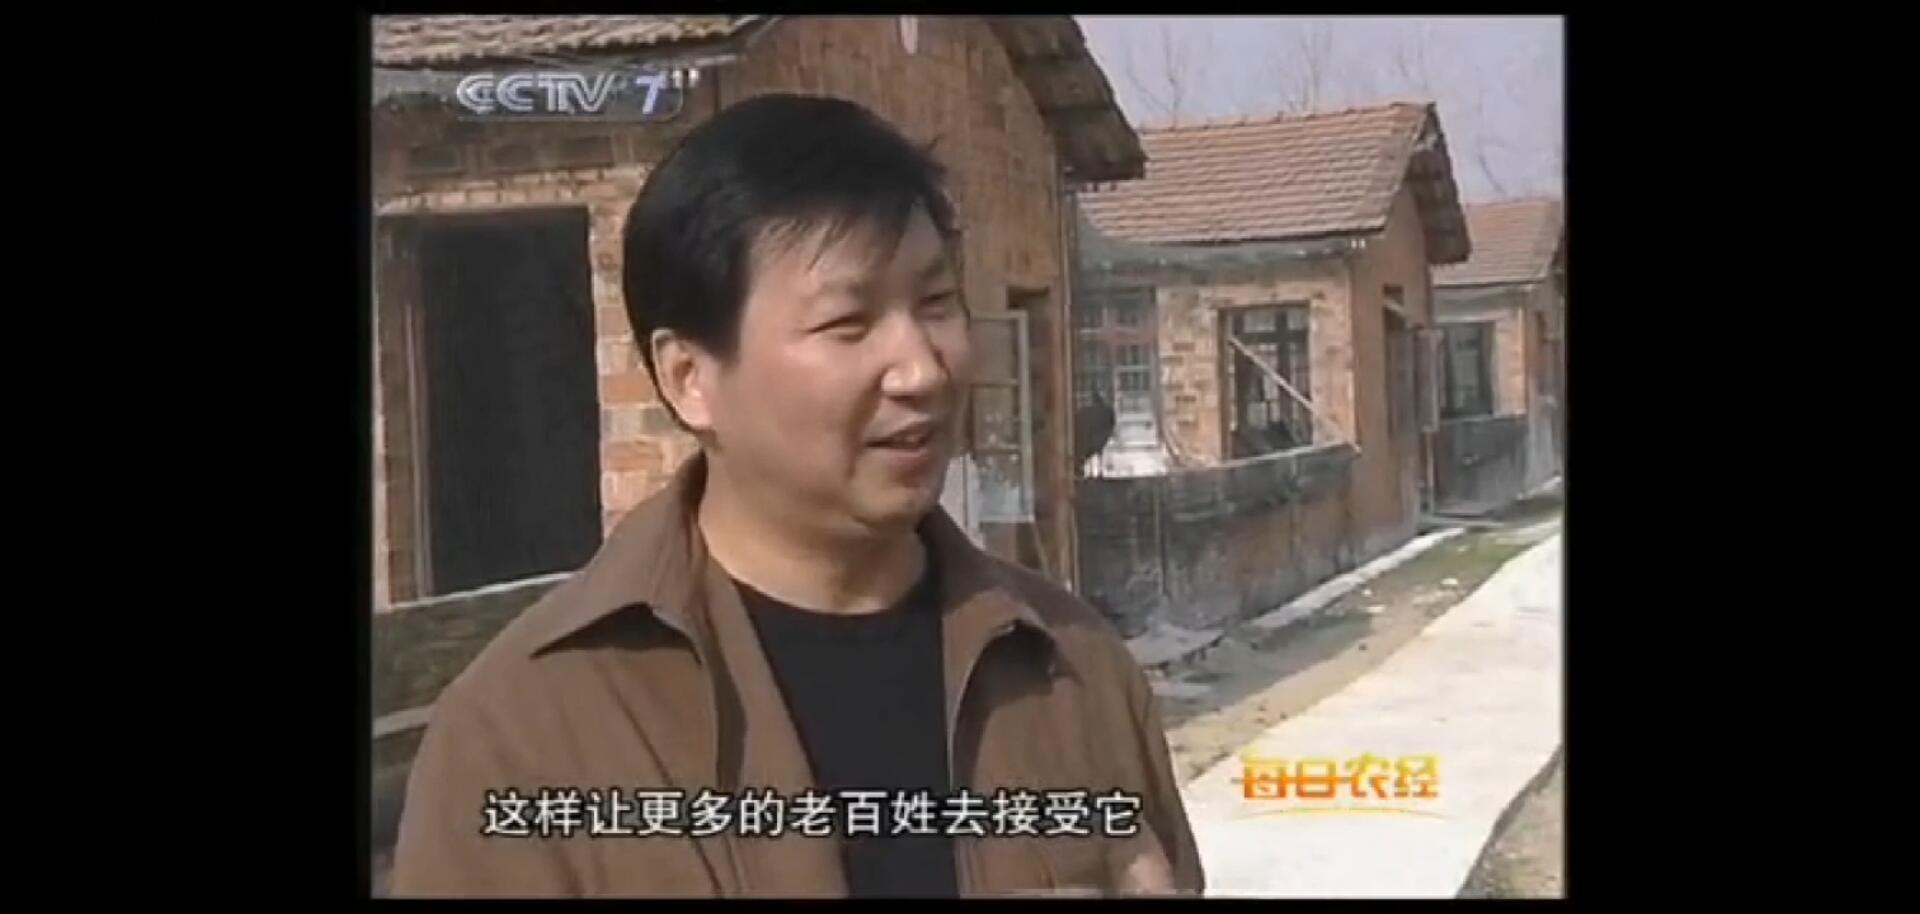 CCTV-7每日农经中华彩票网是不是真的价低也赚钱